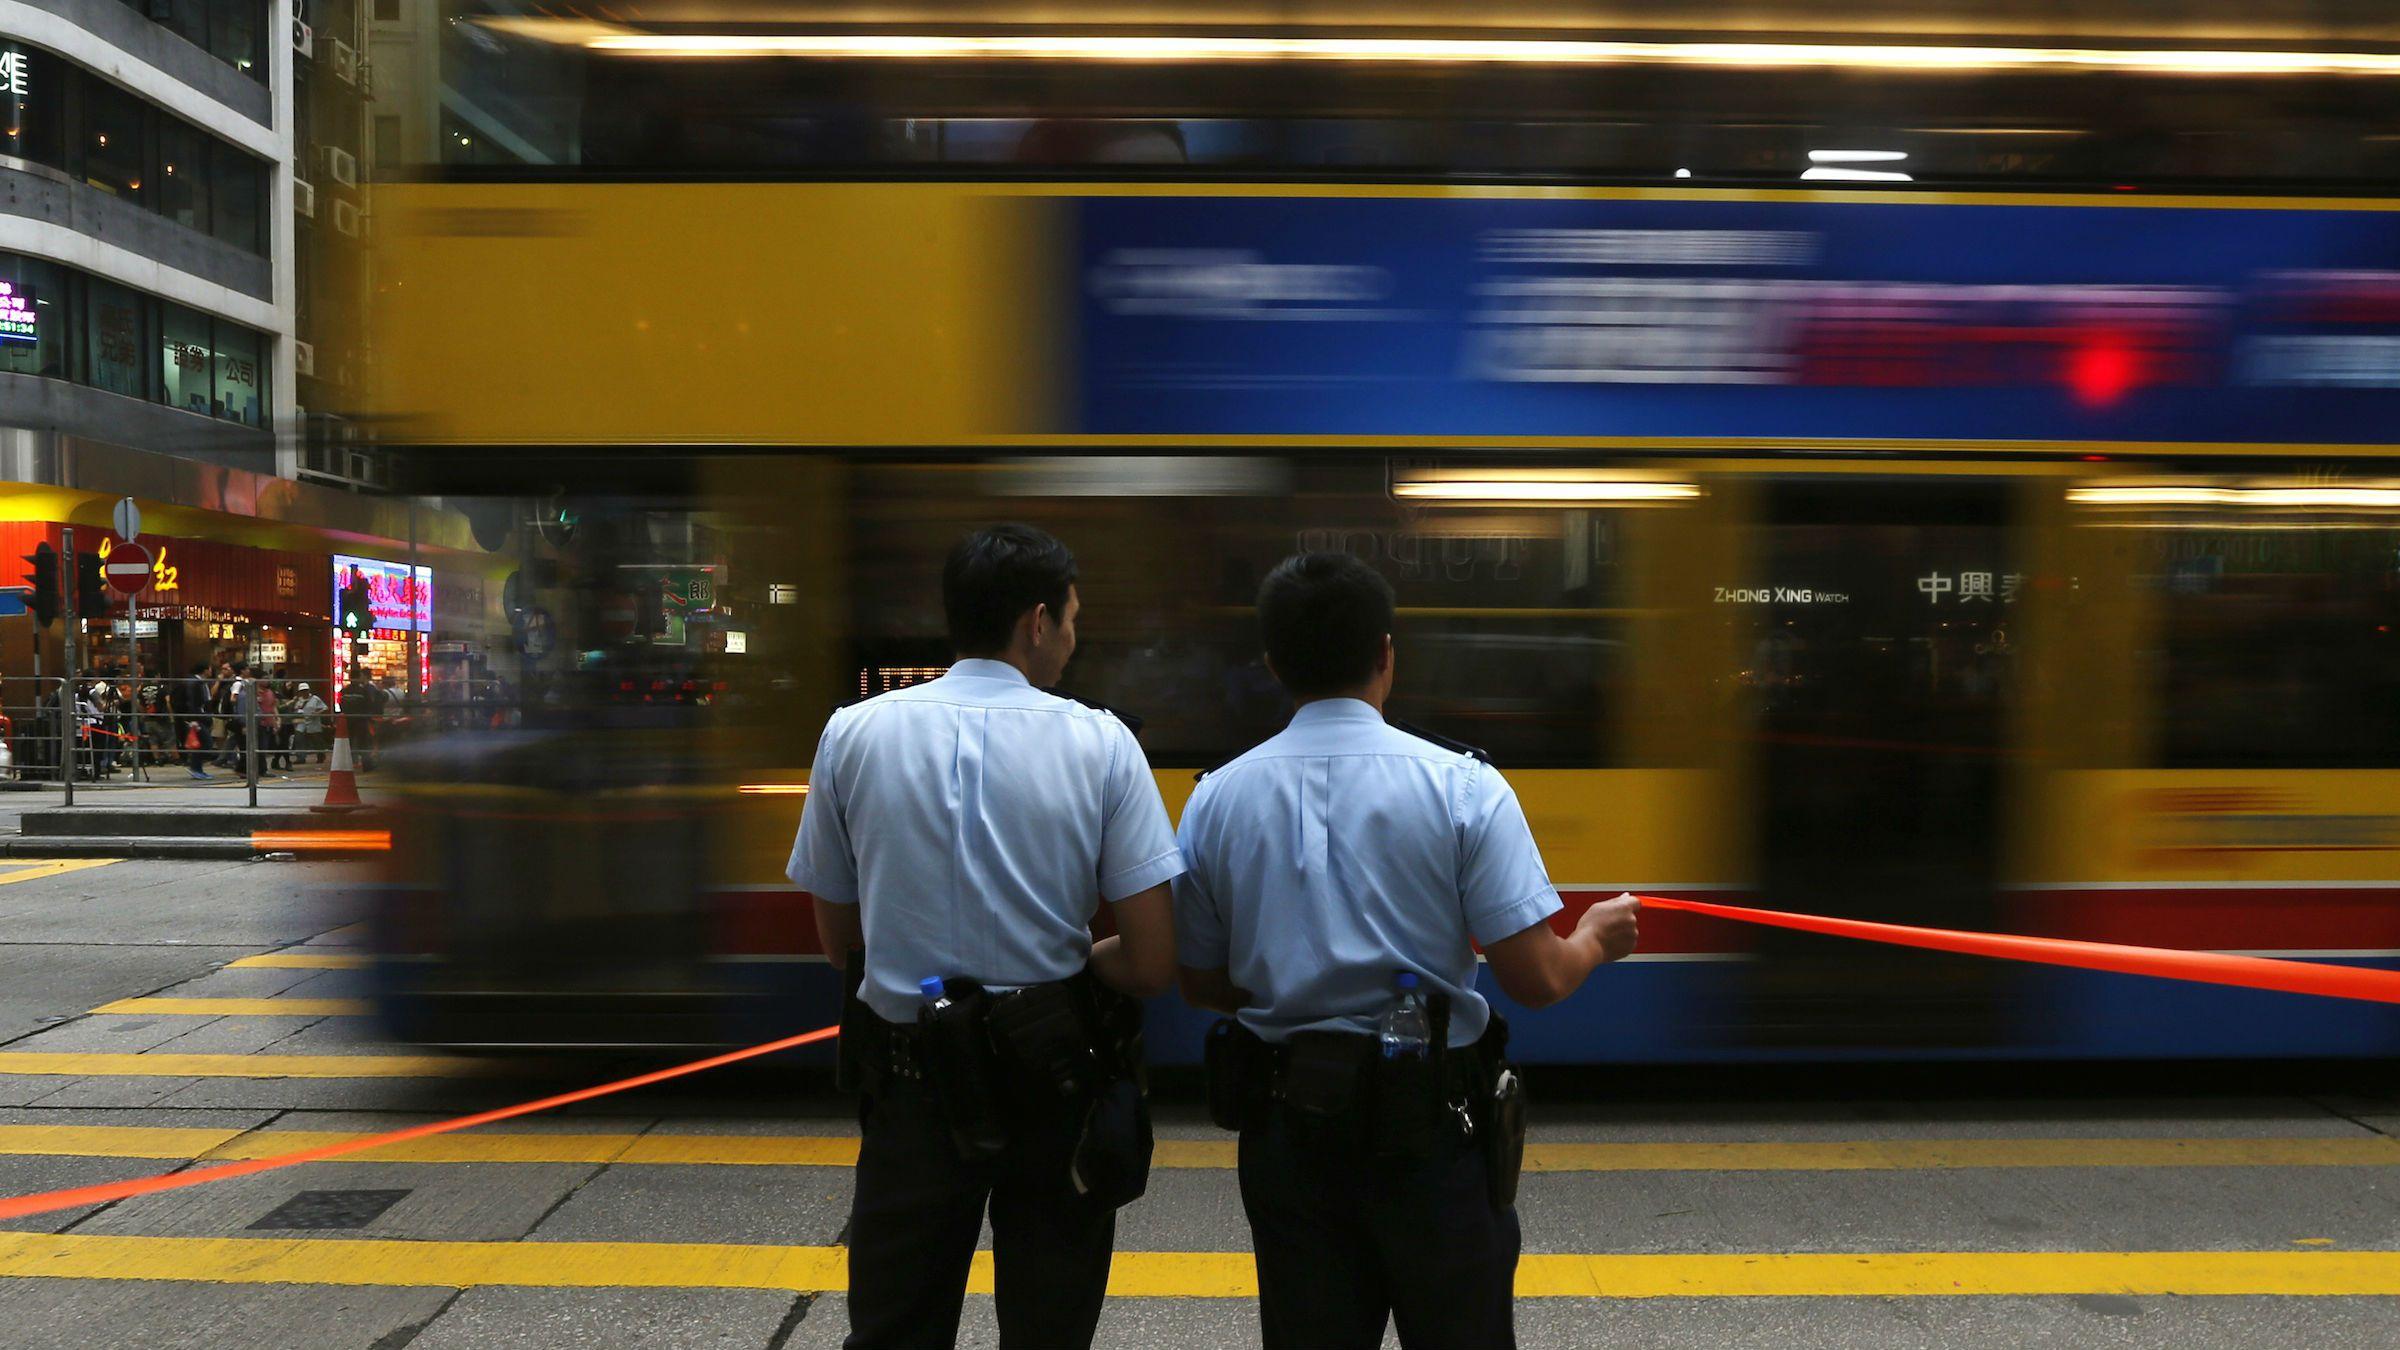 A bus drives past two policemen at the main Nathan Road after normal traffic resumed, at Mongkok shopping district in Hong Kong November 26, 2014